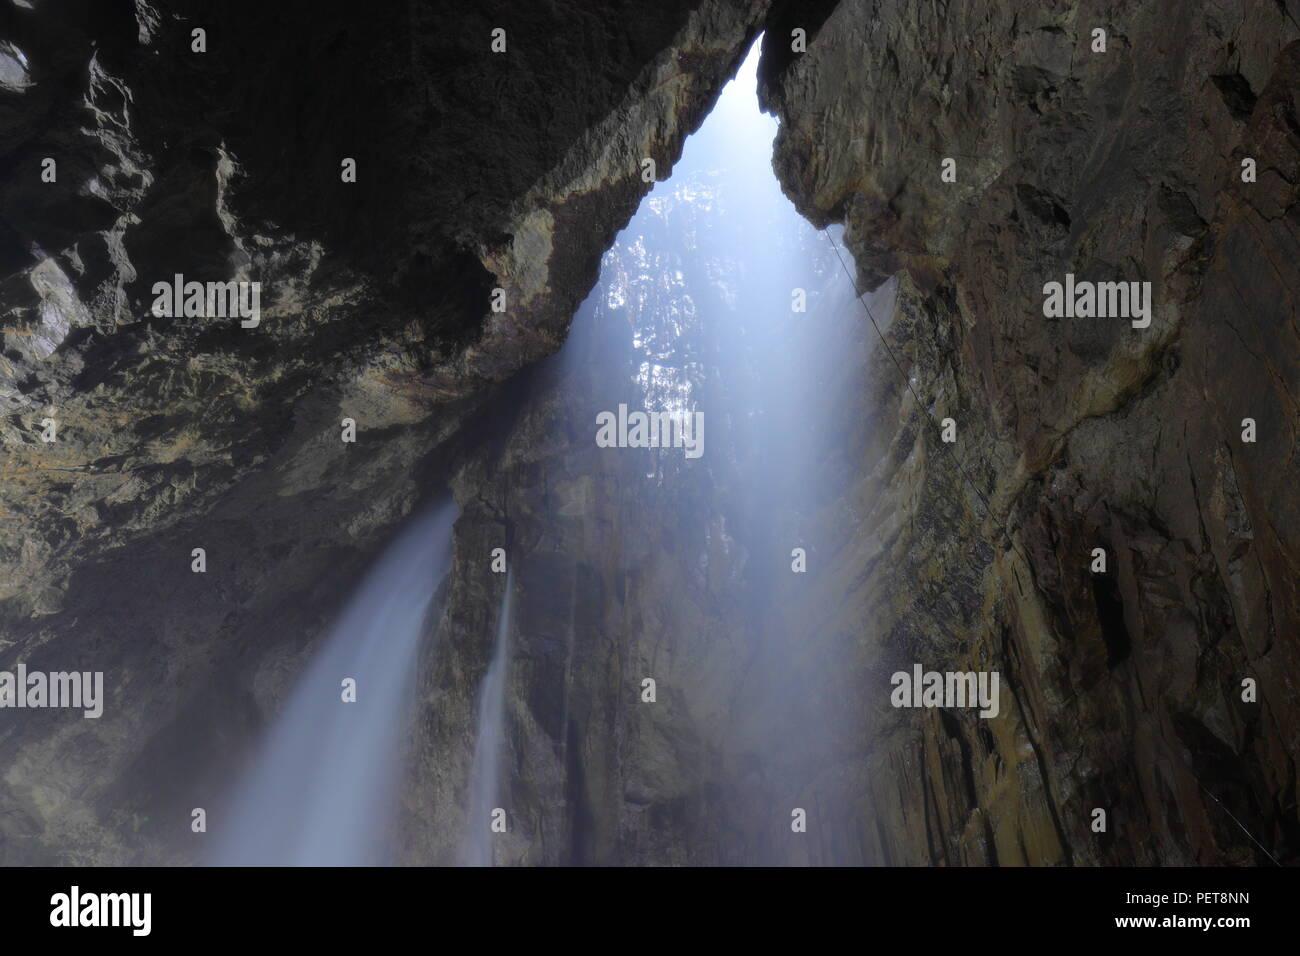 Schiusi verricello Gill soddisfare nel Yorkshire Dales gestito da Craven buca Club che permette di pagare i visitatori di essere winched giù il Regno Unito la più grande grotta naturale. Immagini Stock